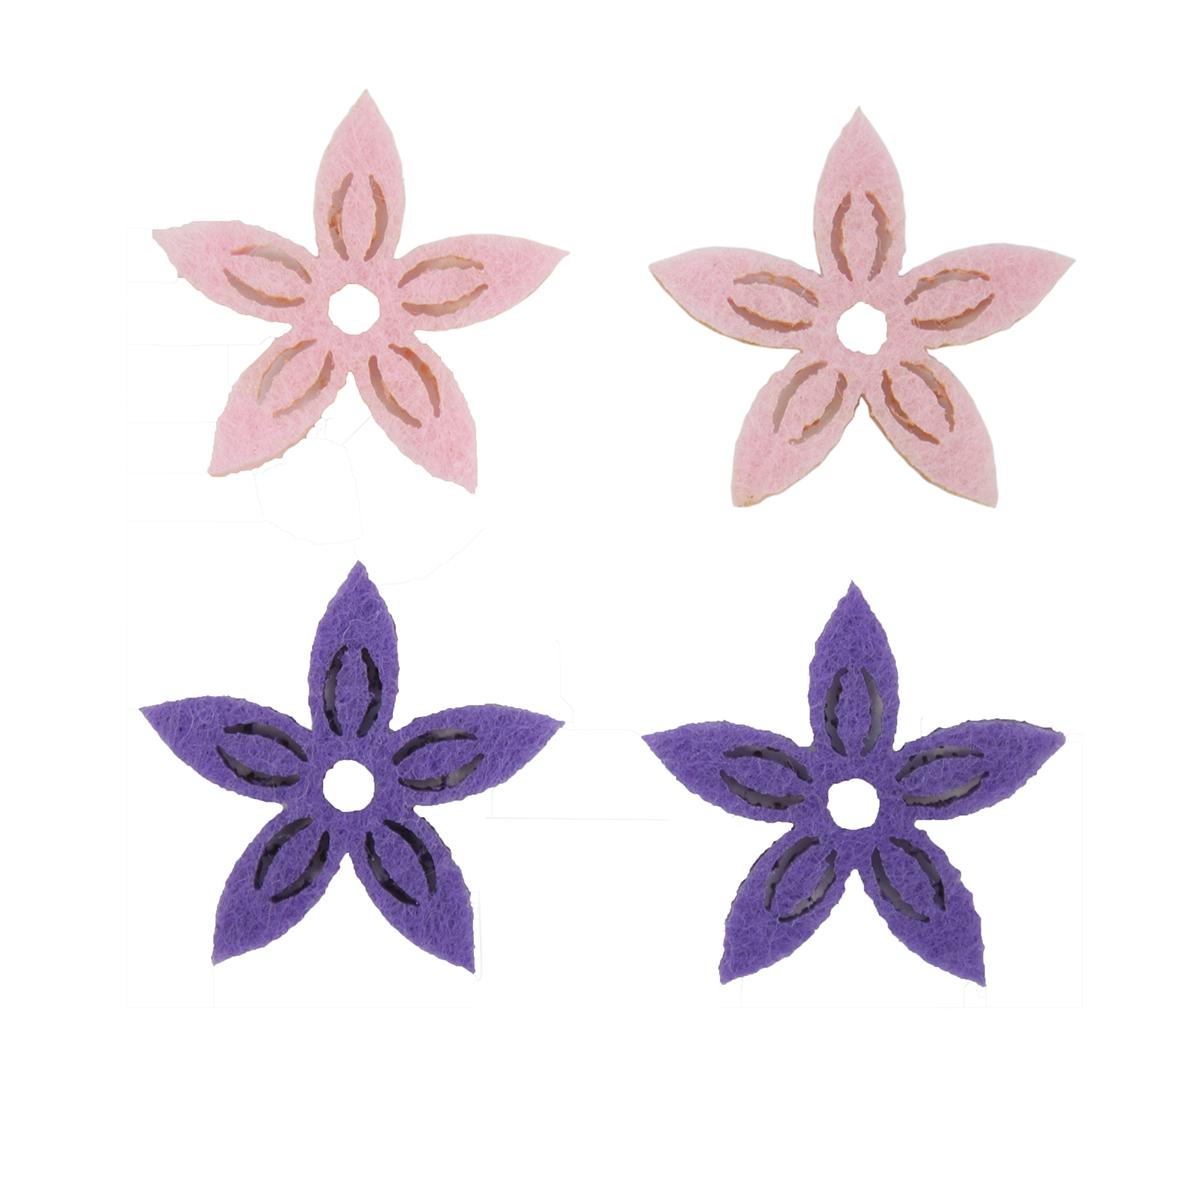 Фигурки из фетра Glorex Цветы, цвет: розовый, фиолетовый, 3 см, 12 шт09840-20.000.00Фетр пользуется большой популярностью среди рукодельниц. Его любят за эстетичный вид, практичность и отличную текстуру. Из данного материала вашему вниманию предлагаются заготовки Glorex. Широкое разнообразие цветов и форм поможет реализовать творческие задумки и гармоничным образом дополнить ваше творение. Из фетра можно создавать обложки для книг, ежедневников, игрушки, декоративные чехлы для подушек и многое, многое другое.